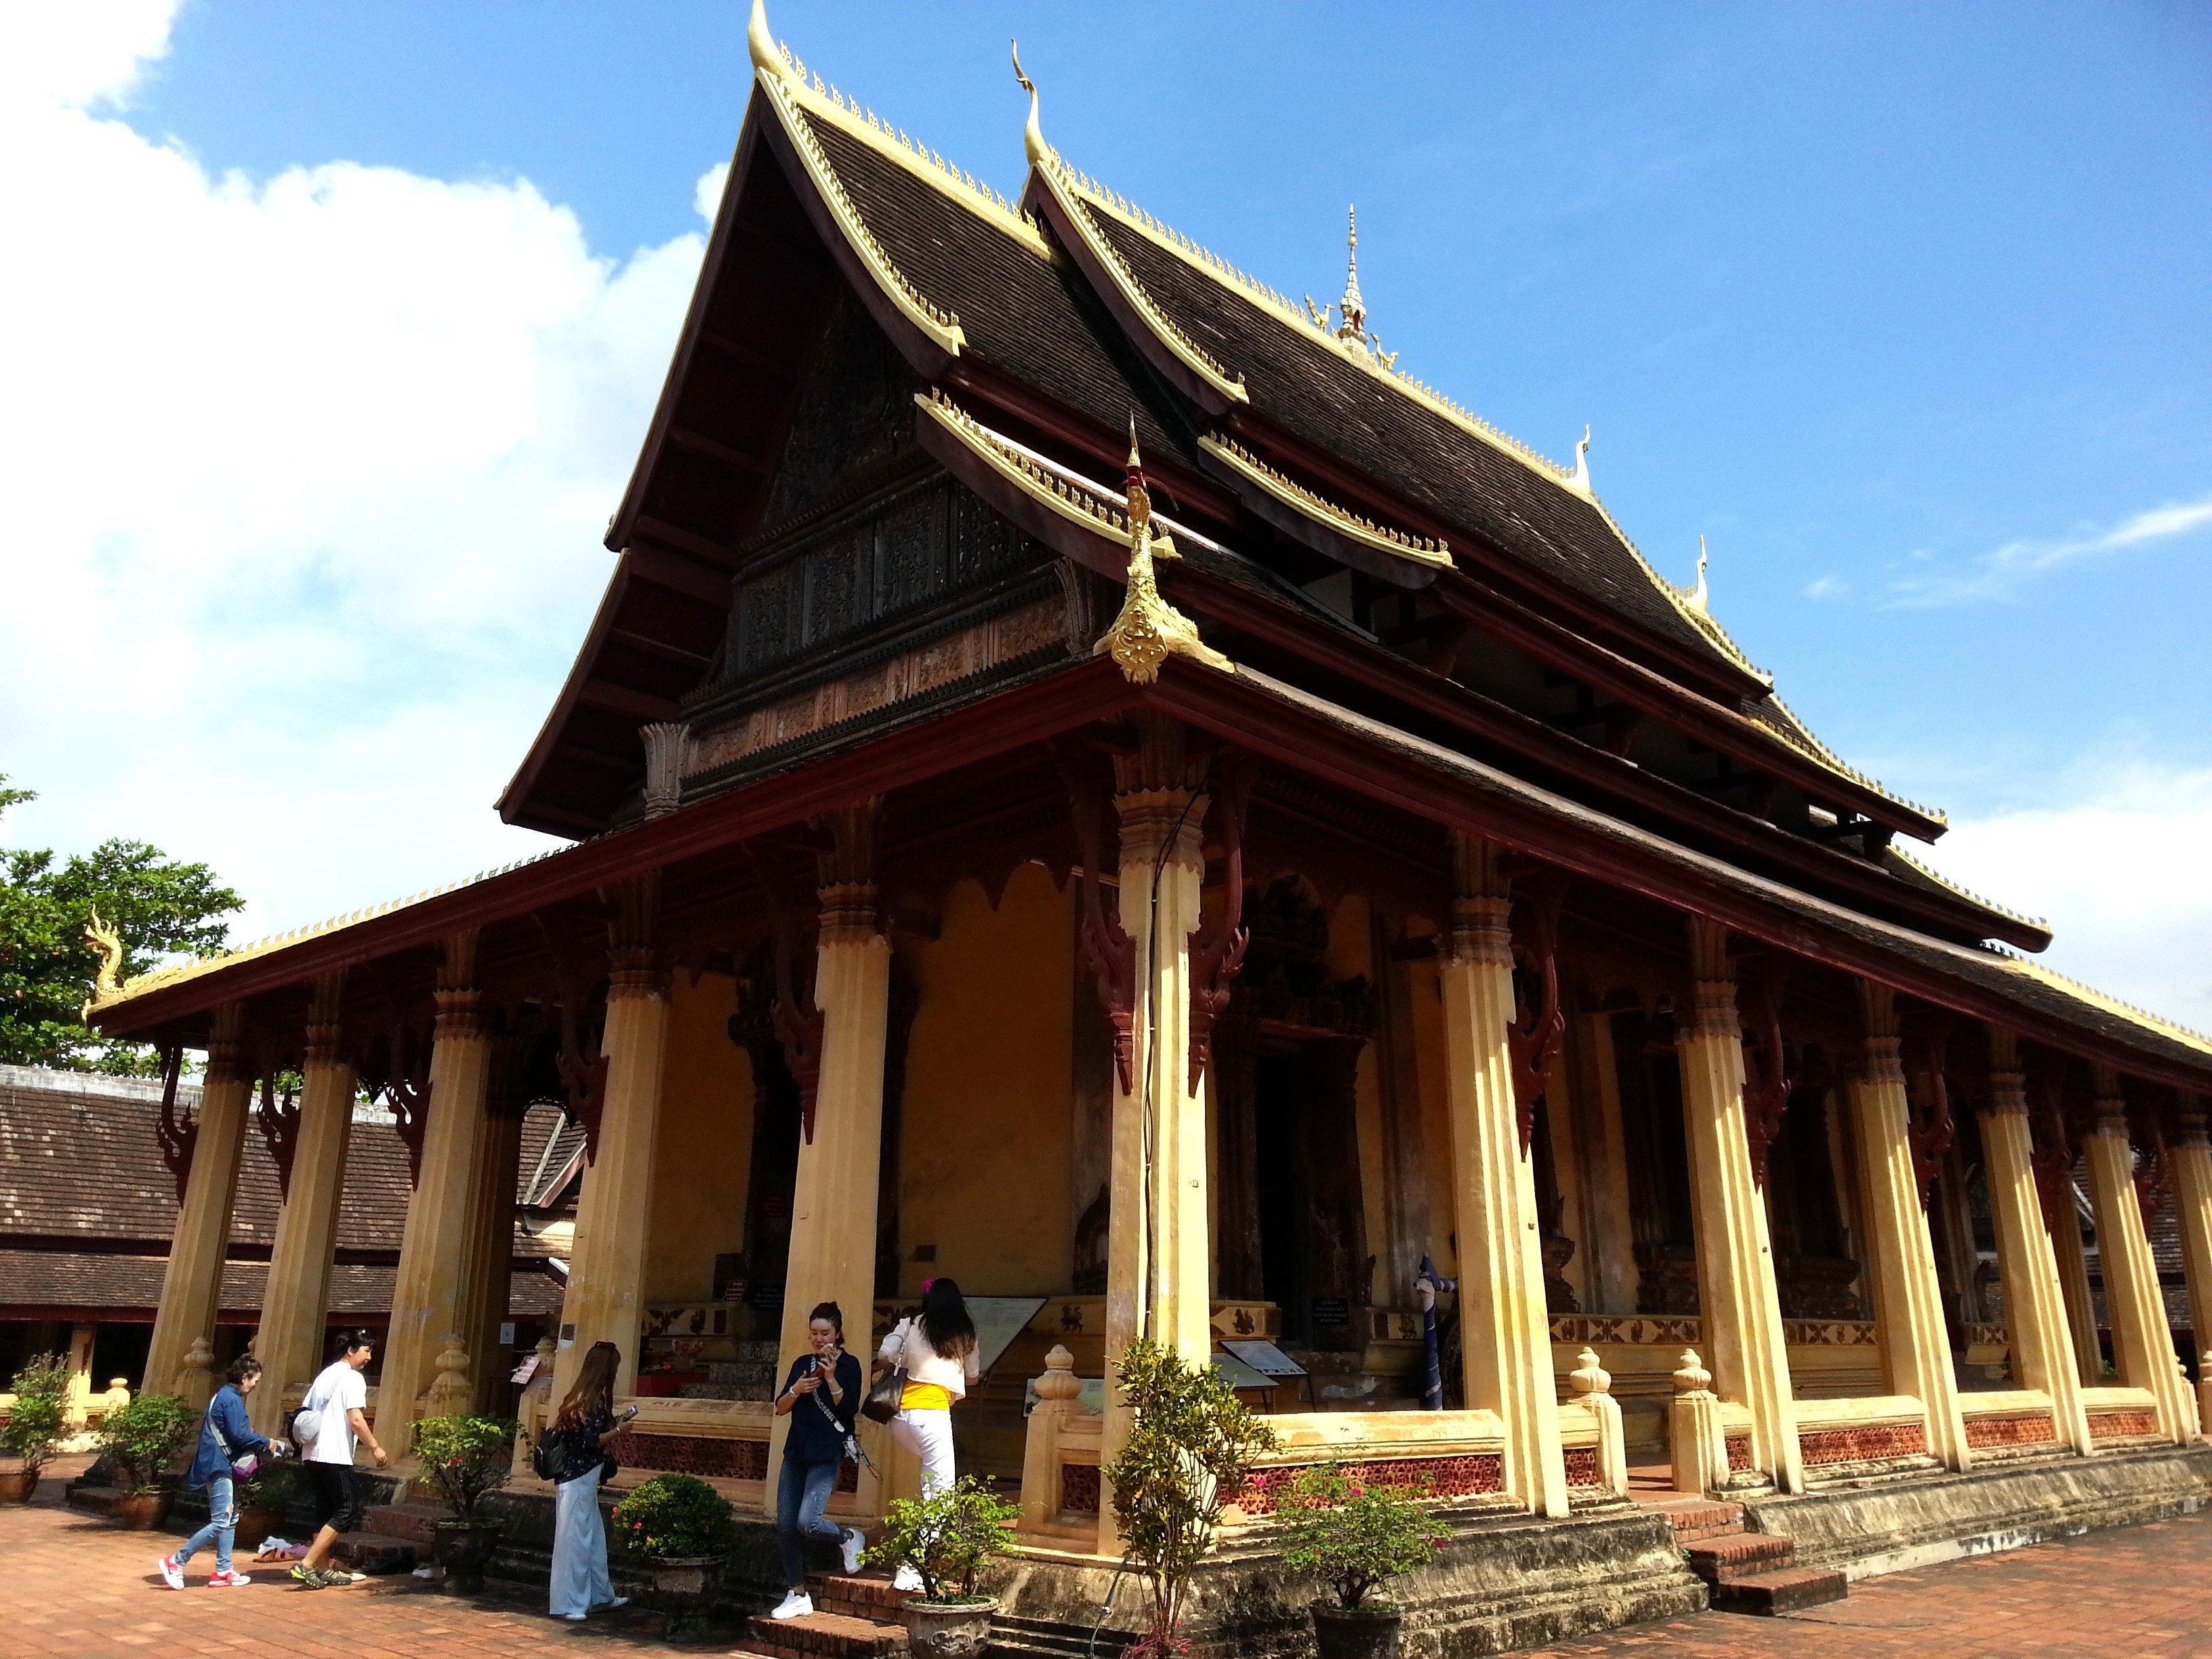 Main temple building at Wat Si Sa Ket